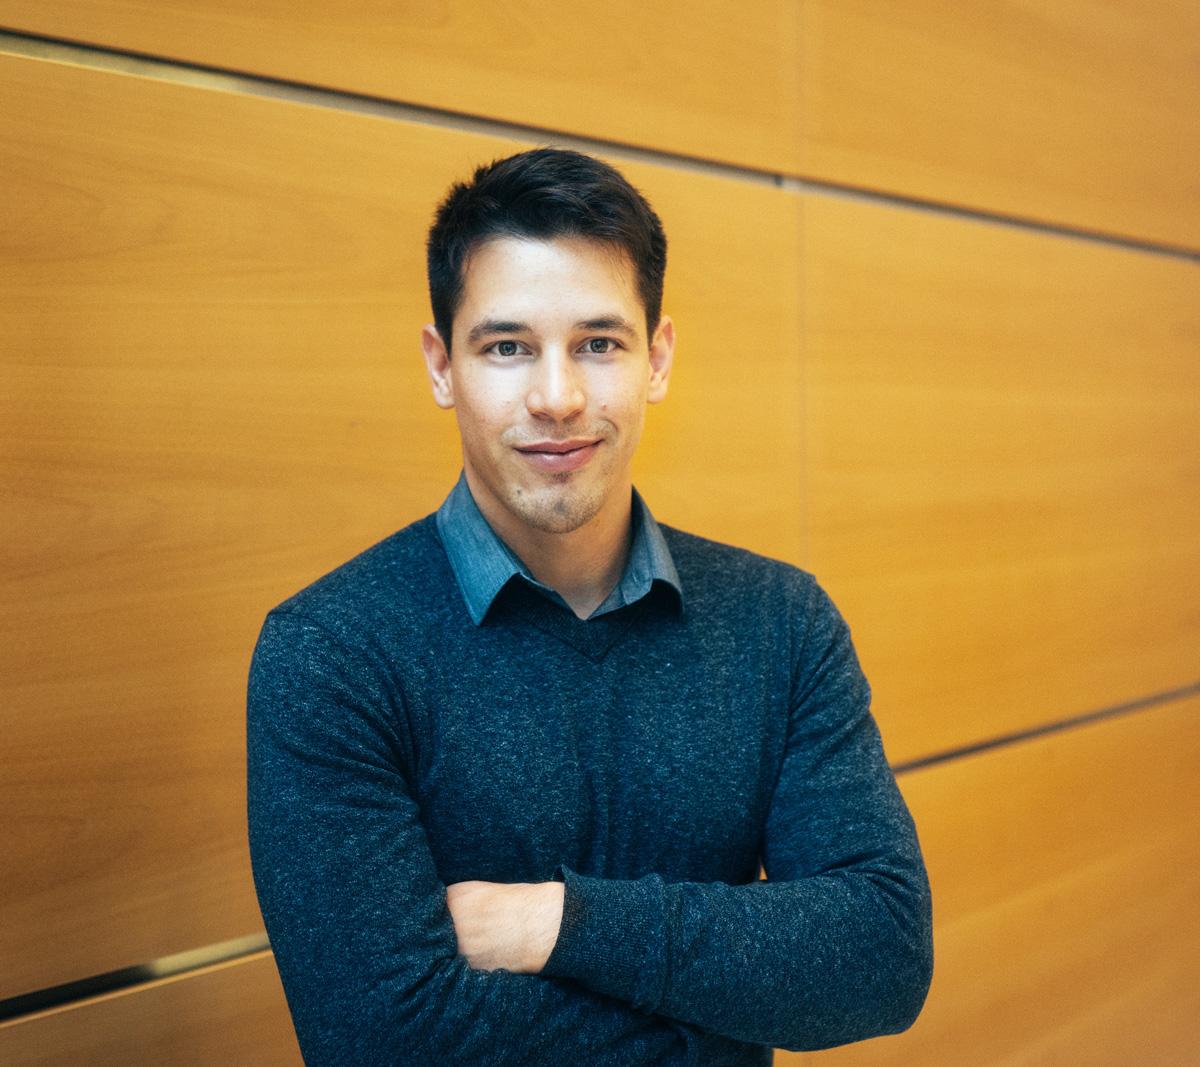 Ansprechpartner für Spanien: Martin Saldaño